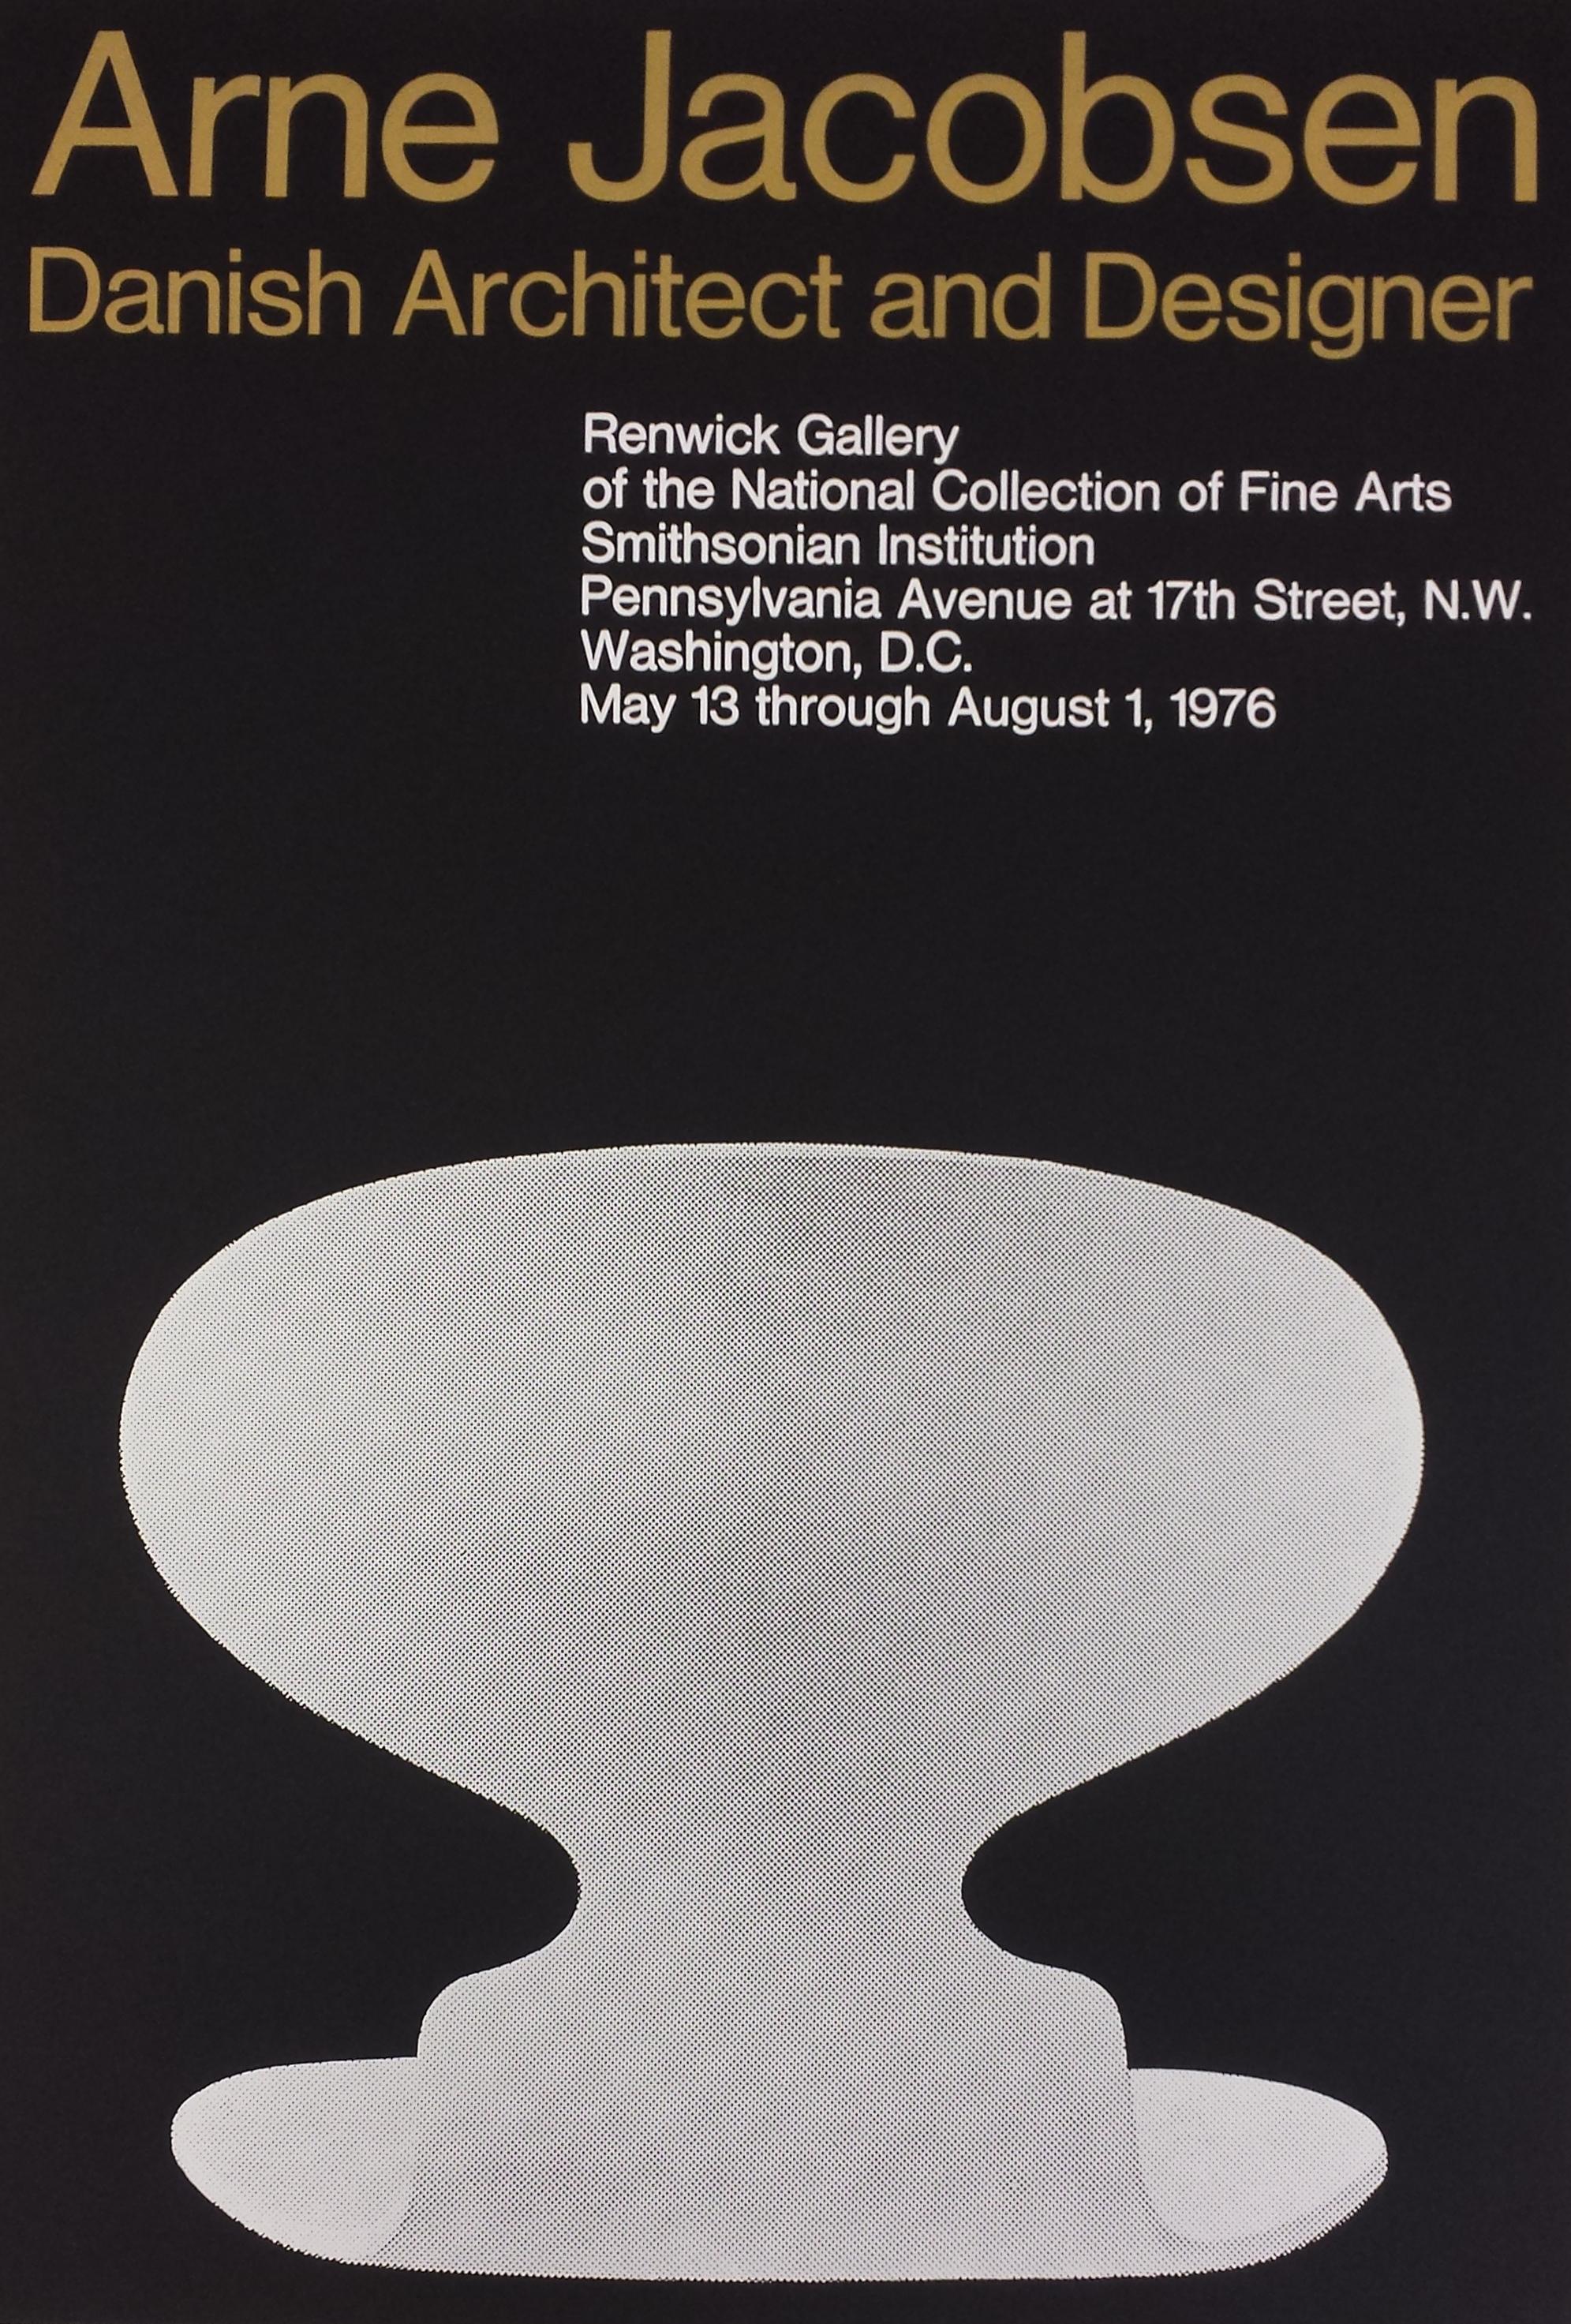 Arne Jacobsen, Danish Architect and Designer, 1976.